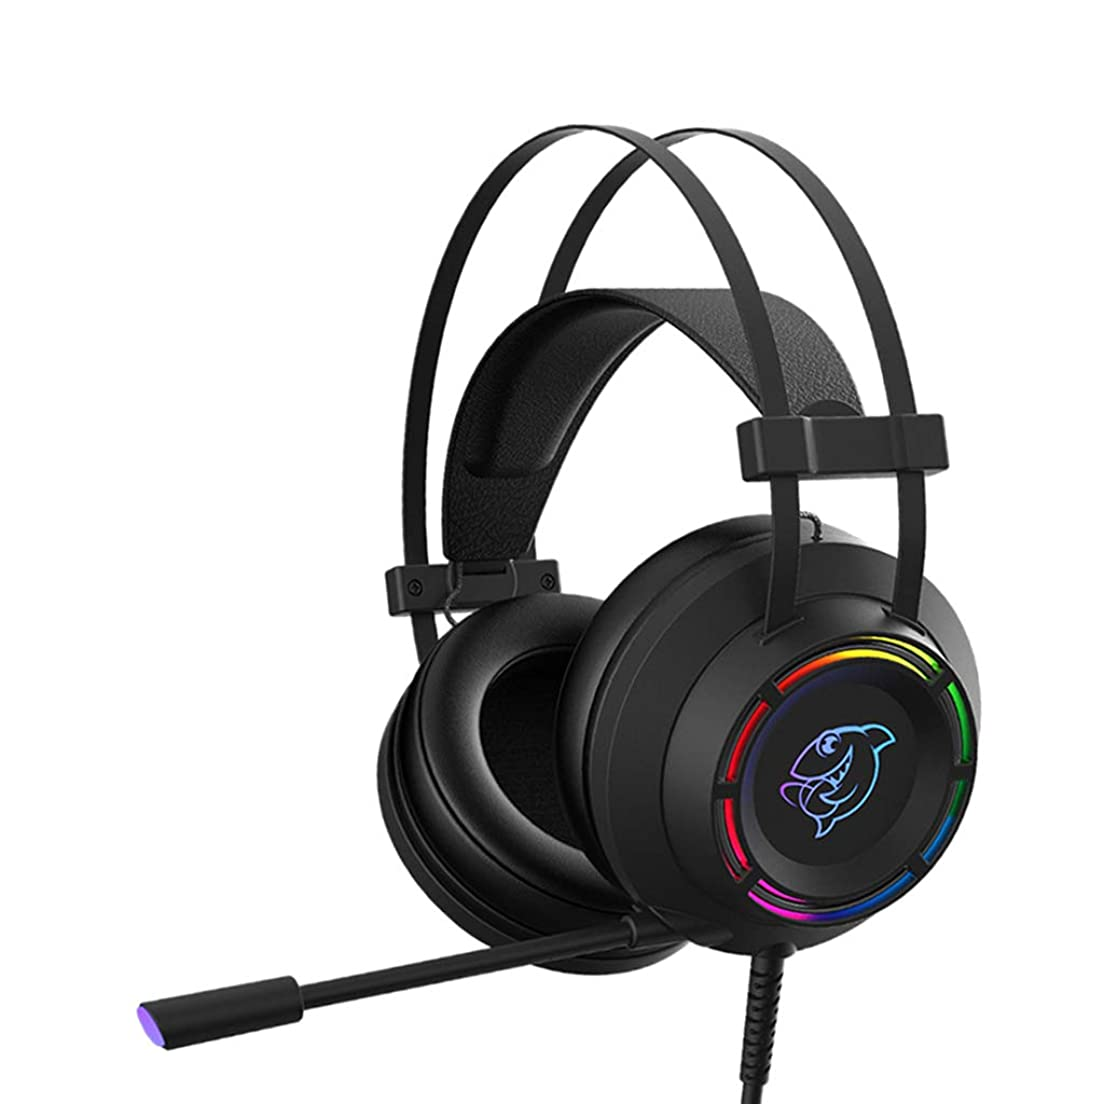 契約するジャグリングオペレーターD DOLITY 耳付きヘッドフォン マイク付き エレクトリック レースヘッドフォン USB有線 快適 - ブラック